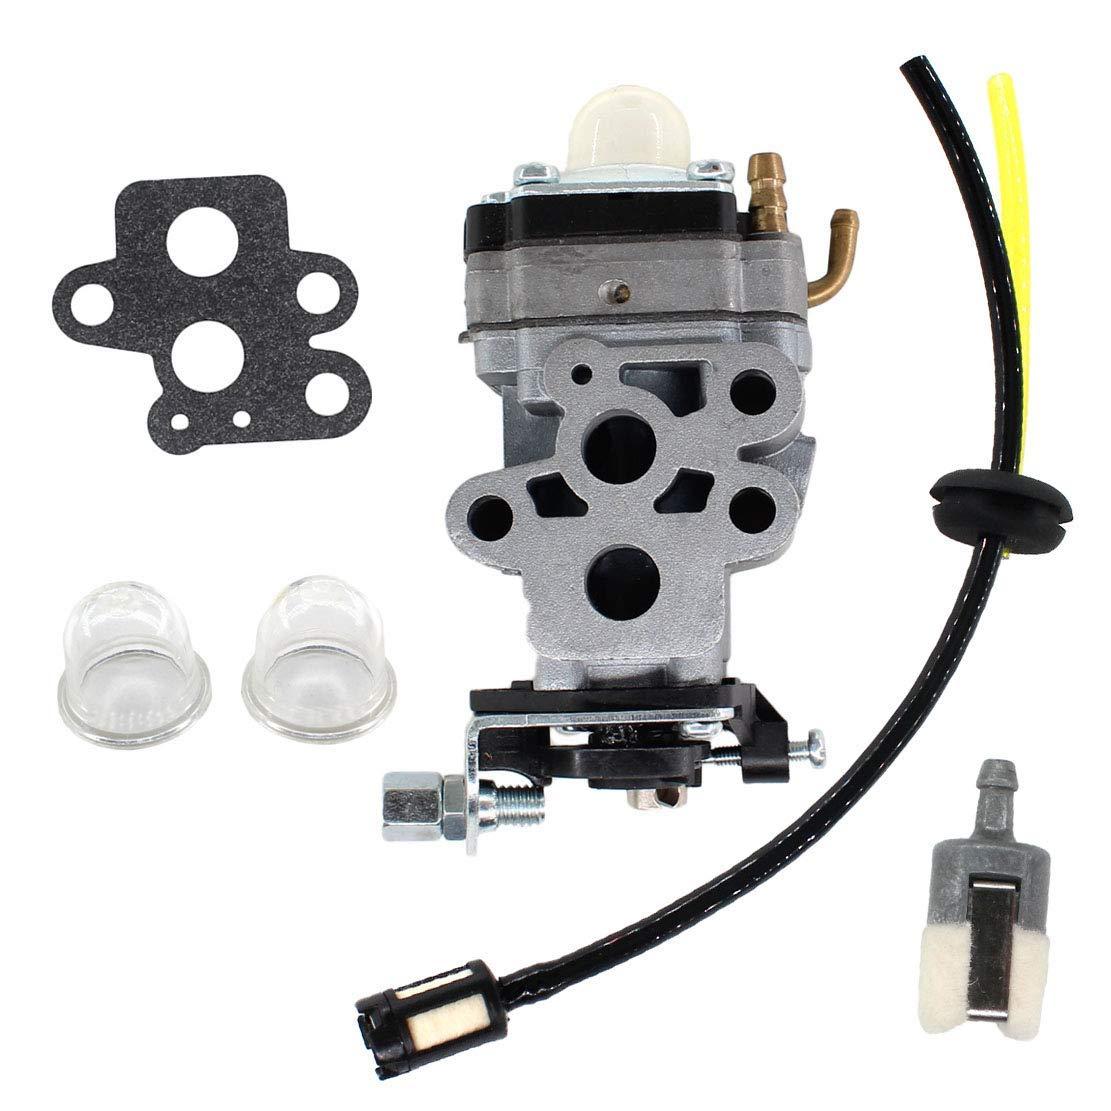 Amazon.com: USPEEDA Carburador línea de combustible para ...